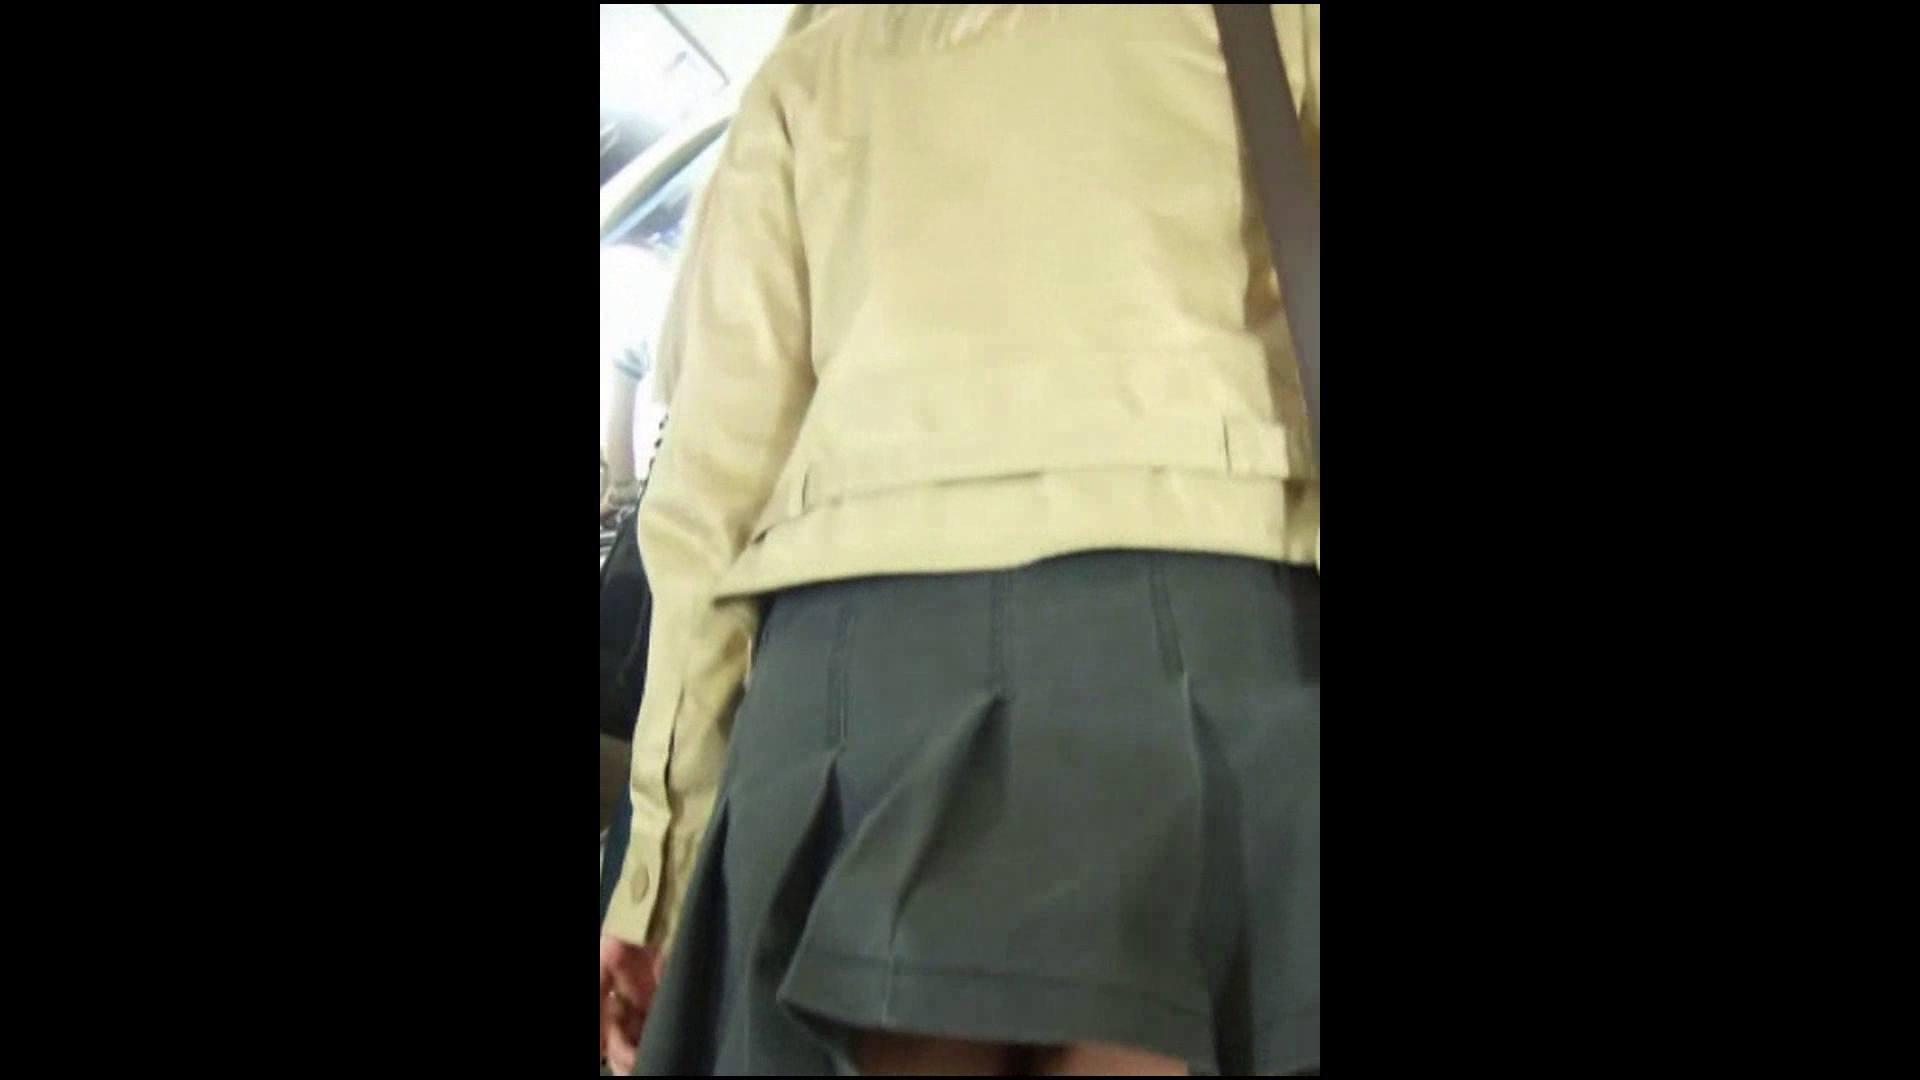 綺麗なモデルさんのスカート捲っちゃおう‼vol06 モデル おまんこ動画流出 103pic 101